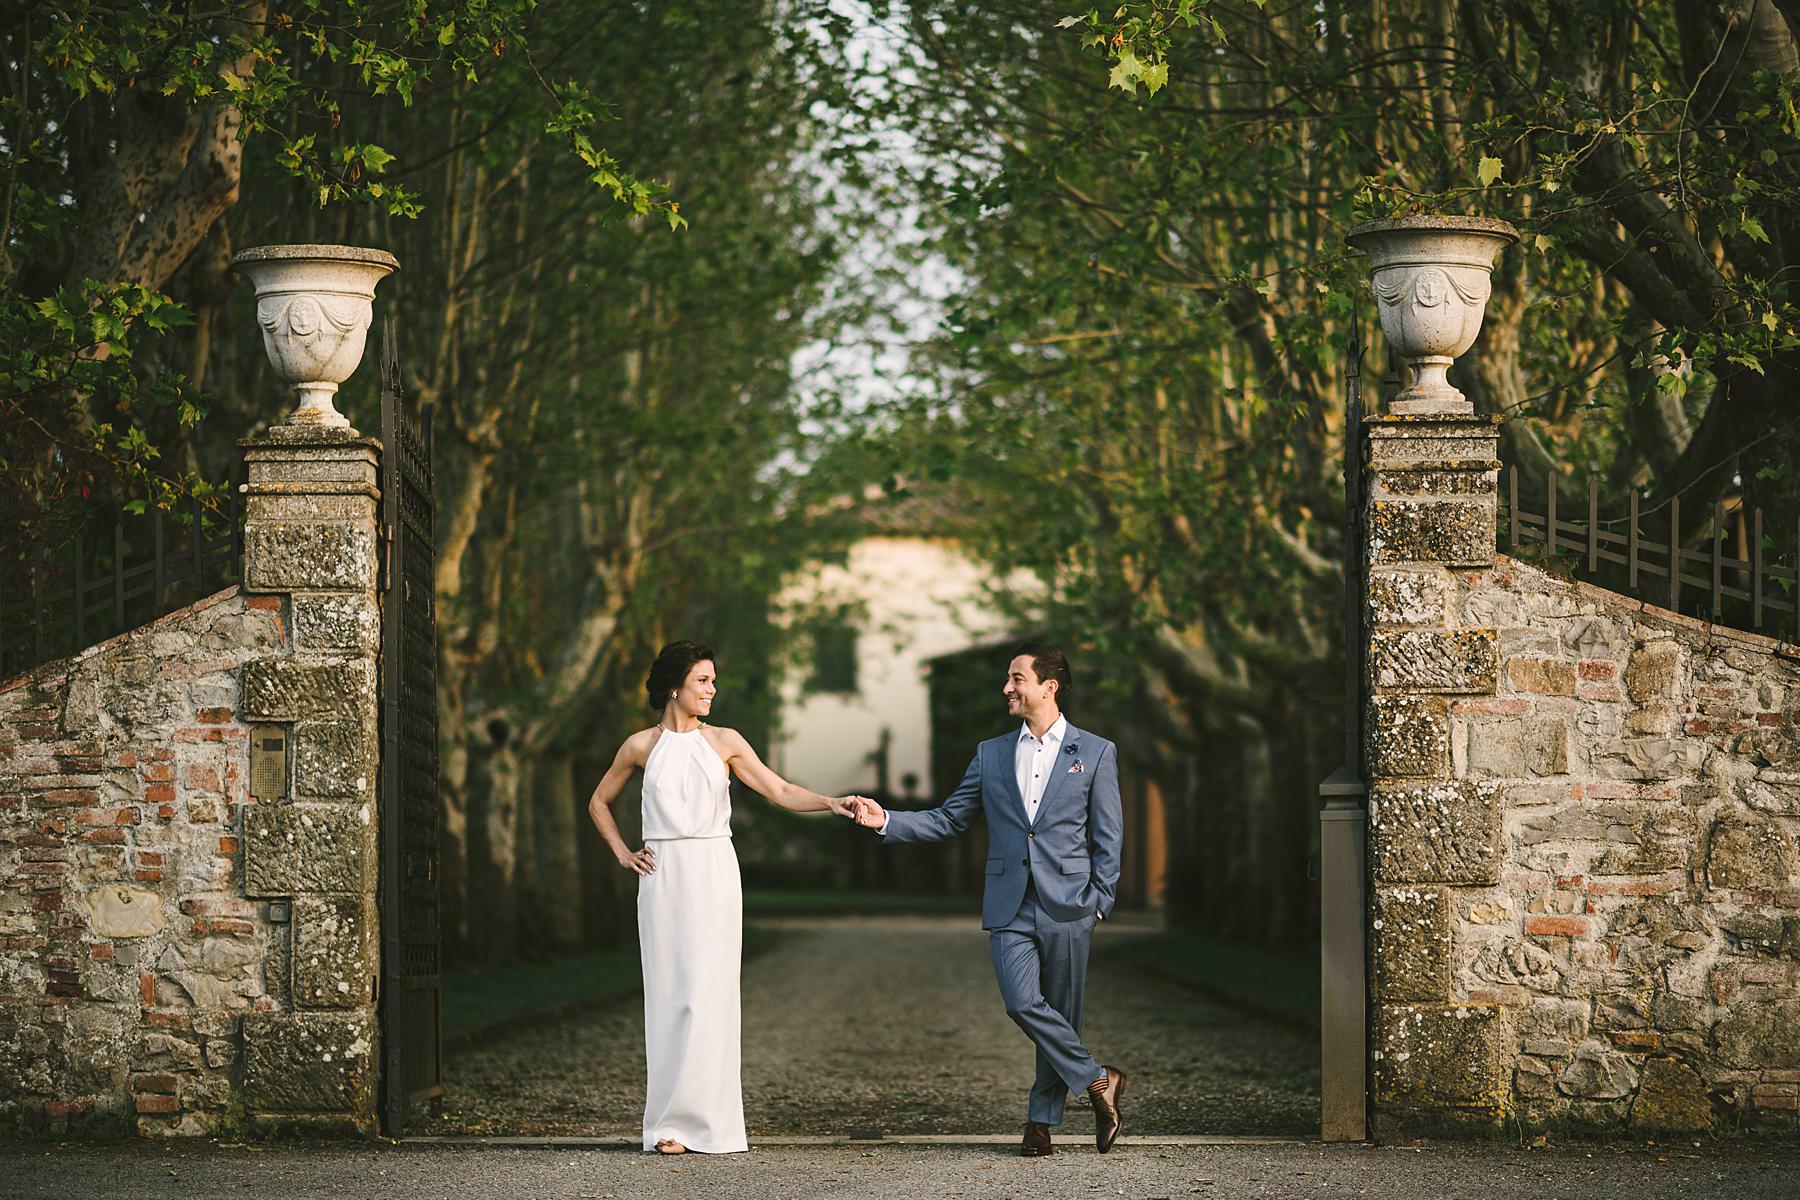 Dolce Vita style destination wedding in Tuscany at historic estate of Villa La Selva Wine Resort